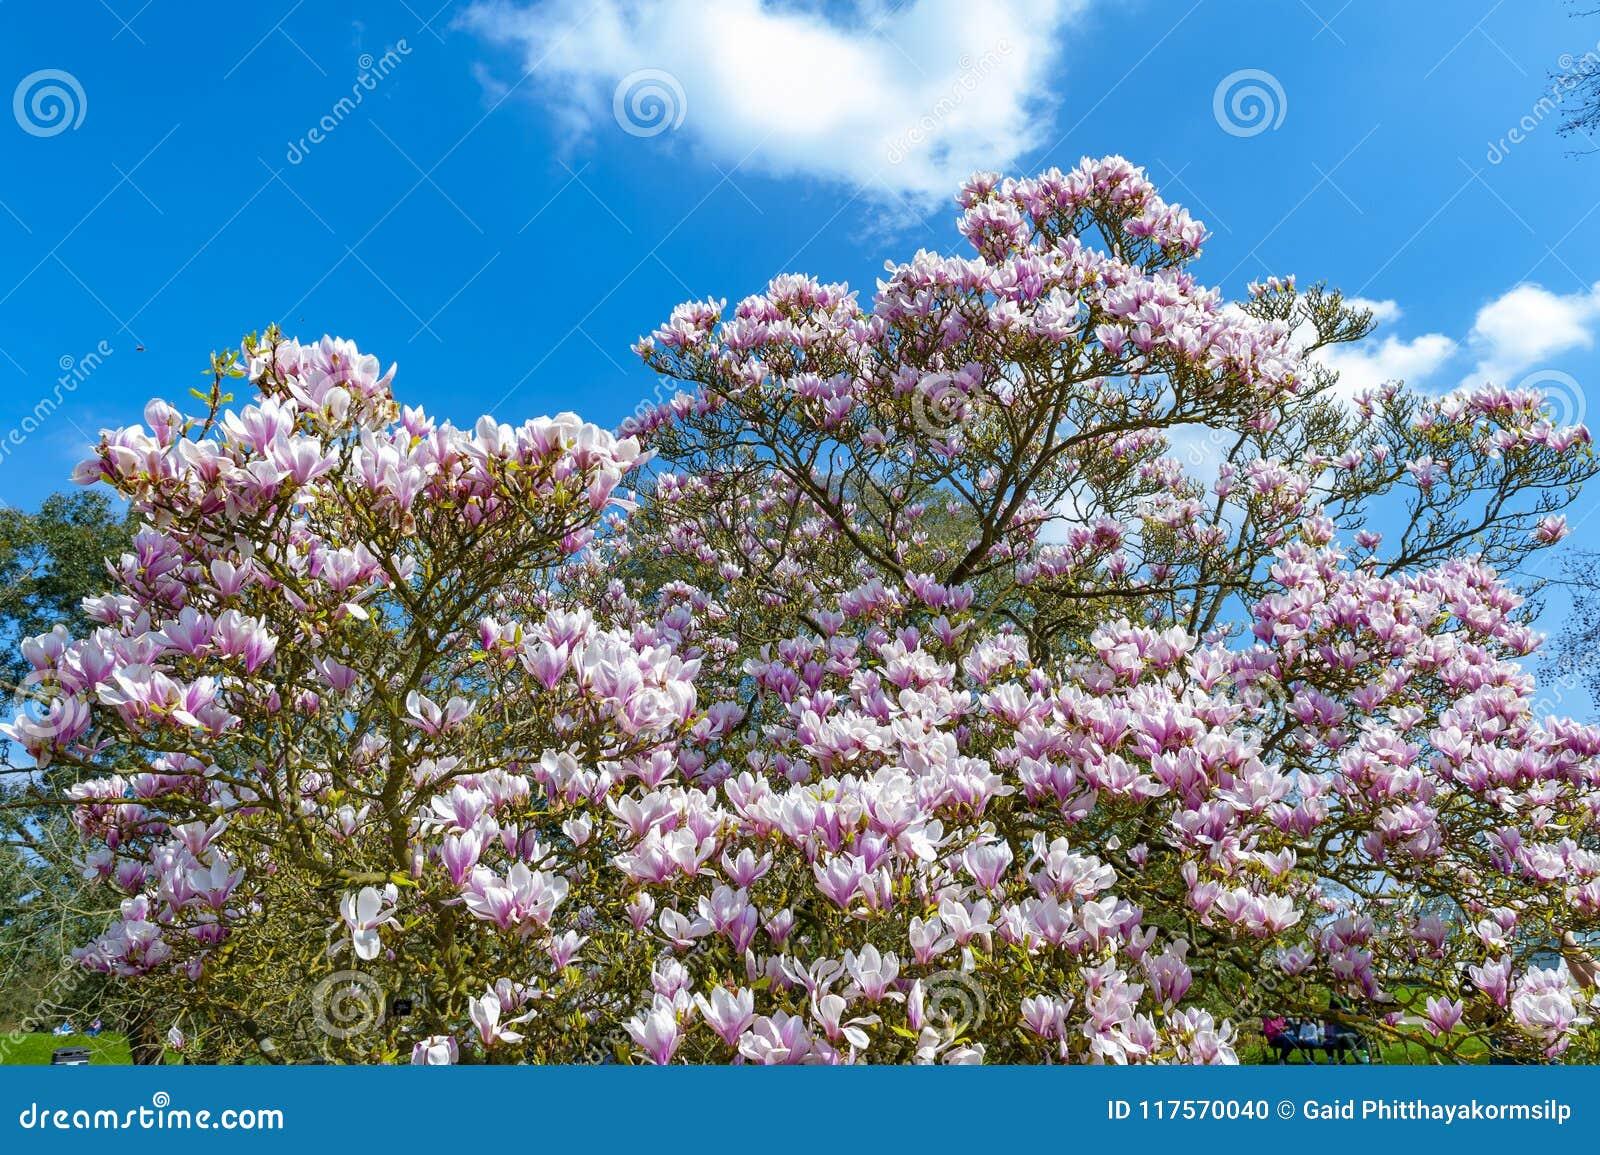 Untertassenmagnolie Magnolie x soulangeana, eine hybride Anlage in der Klasse Magnolie und Familie Magnoliaceae